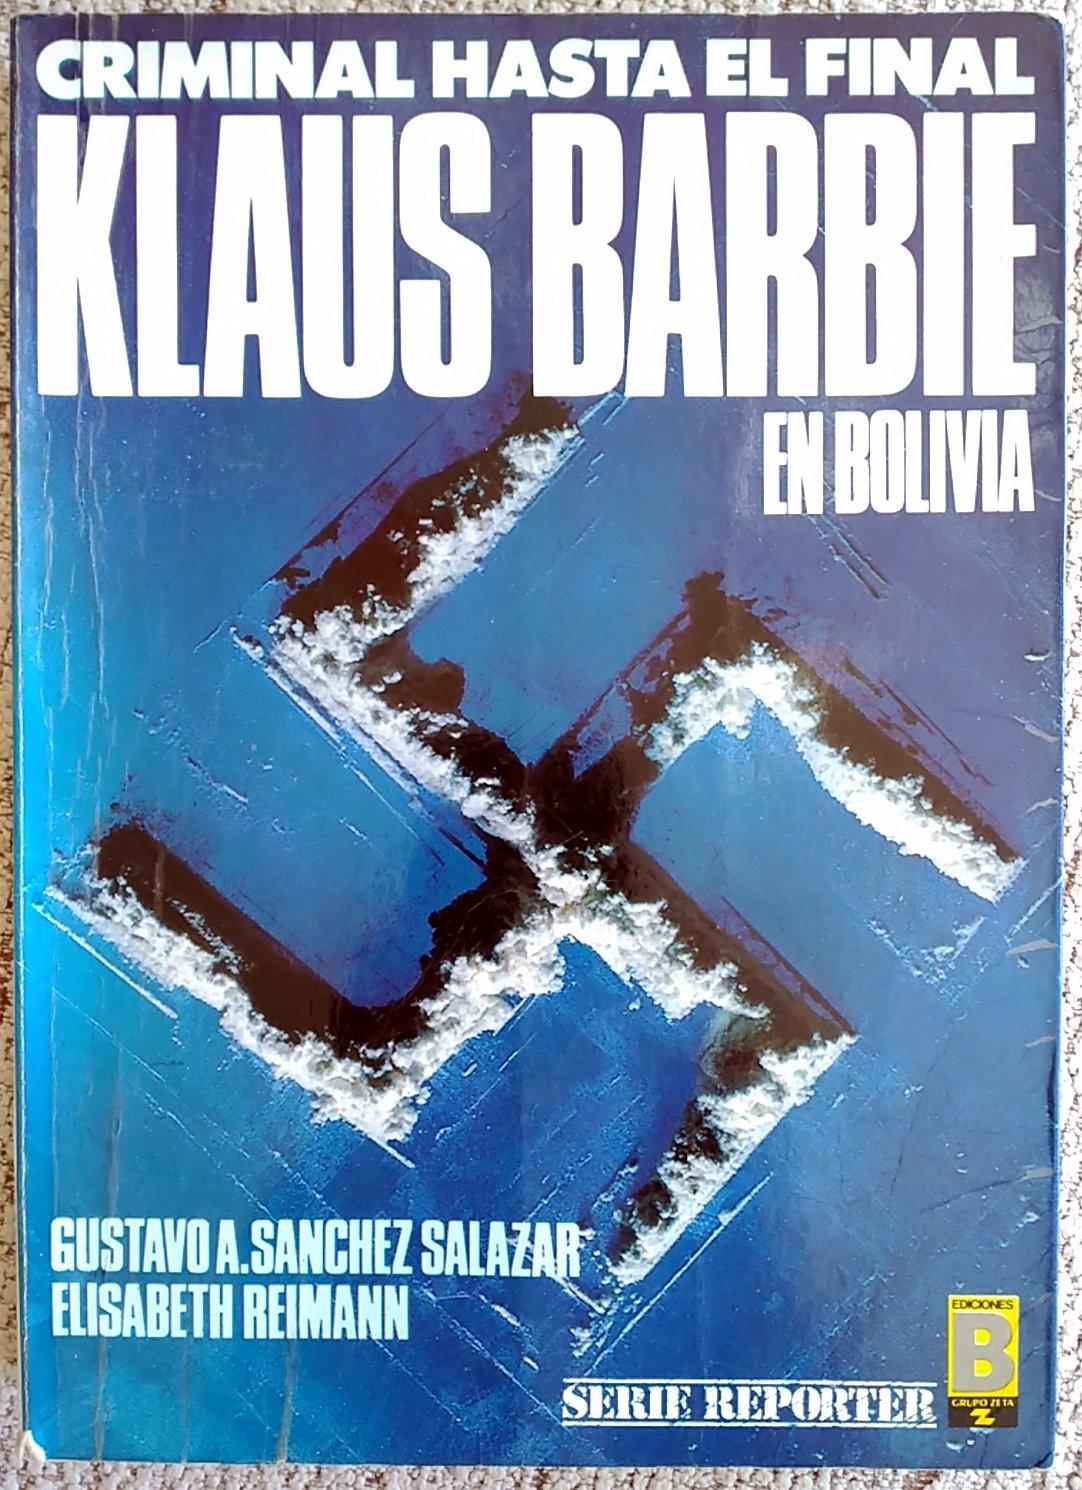 Klaus Barbie en Bolivia: Amazon.es: Gustavo A. Sánchez Salazar y Elisabeth Reiman: Libros